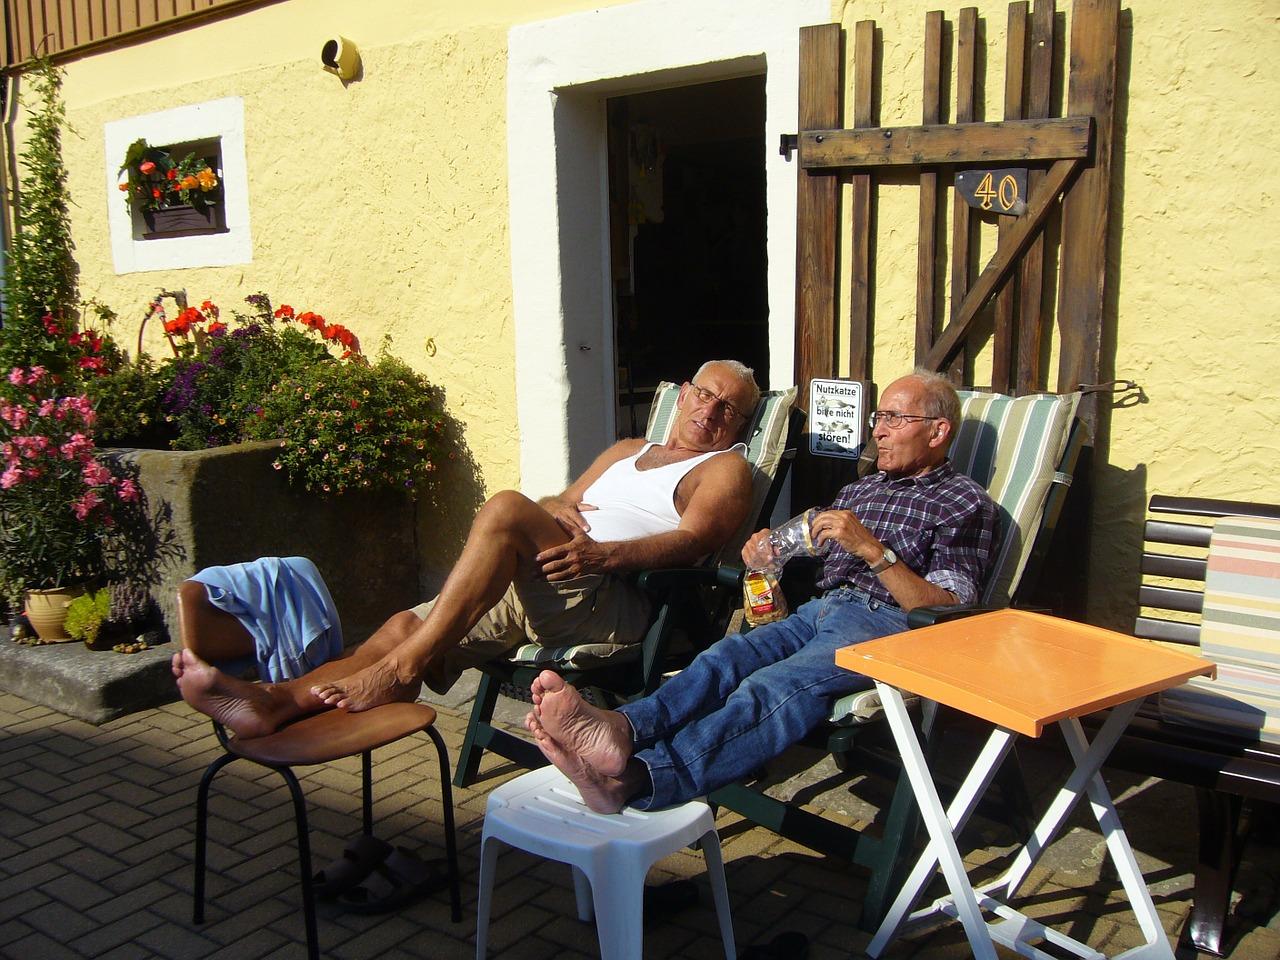 regelmäßige Entspannung ist im Alter sehr wichtig